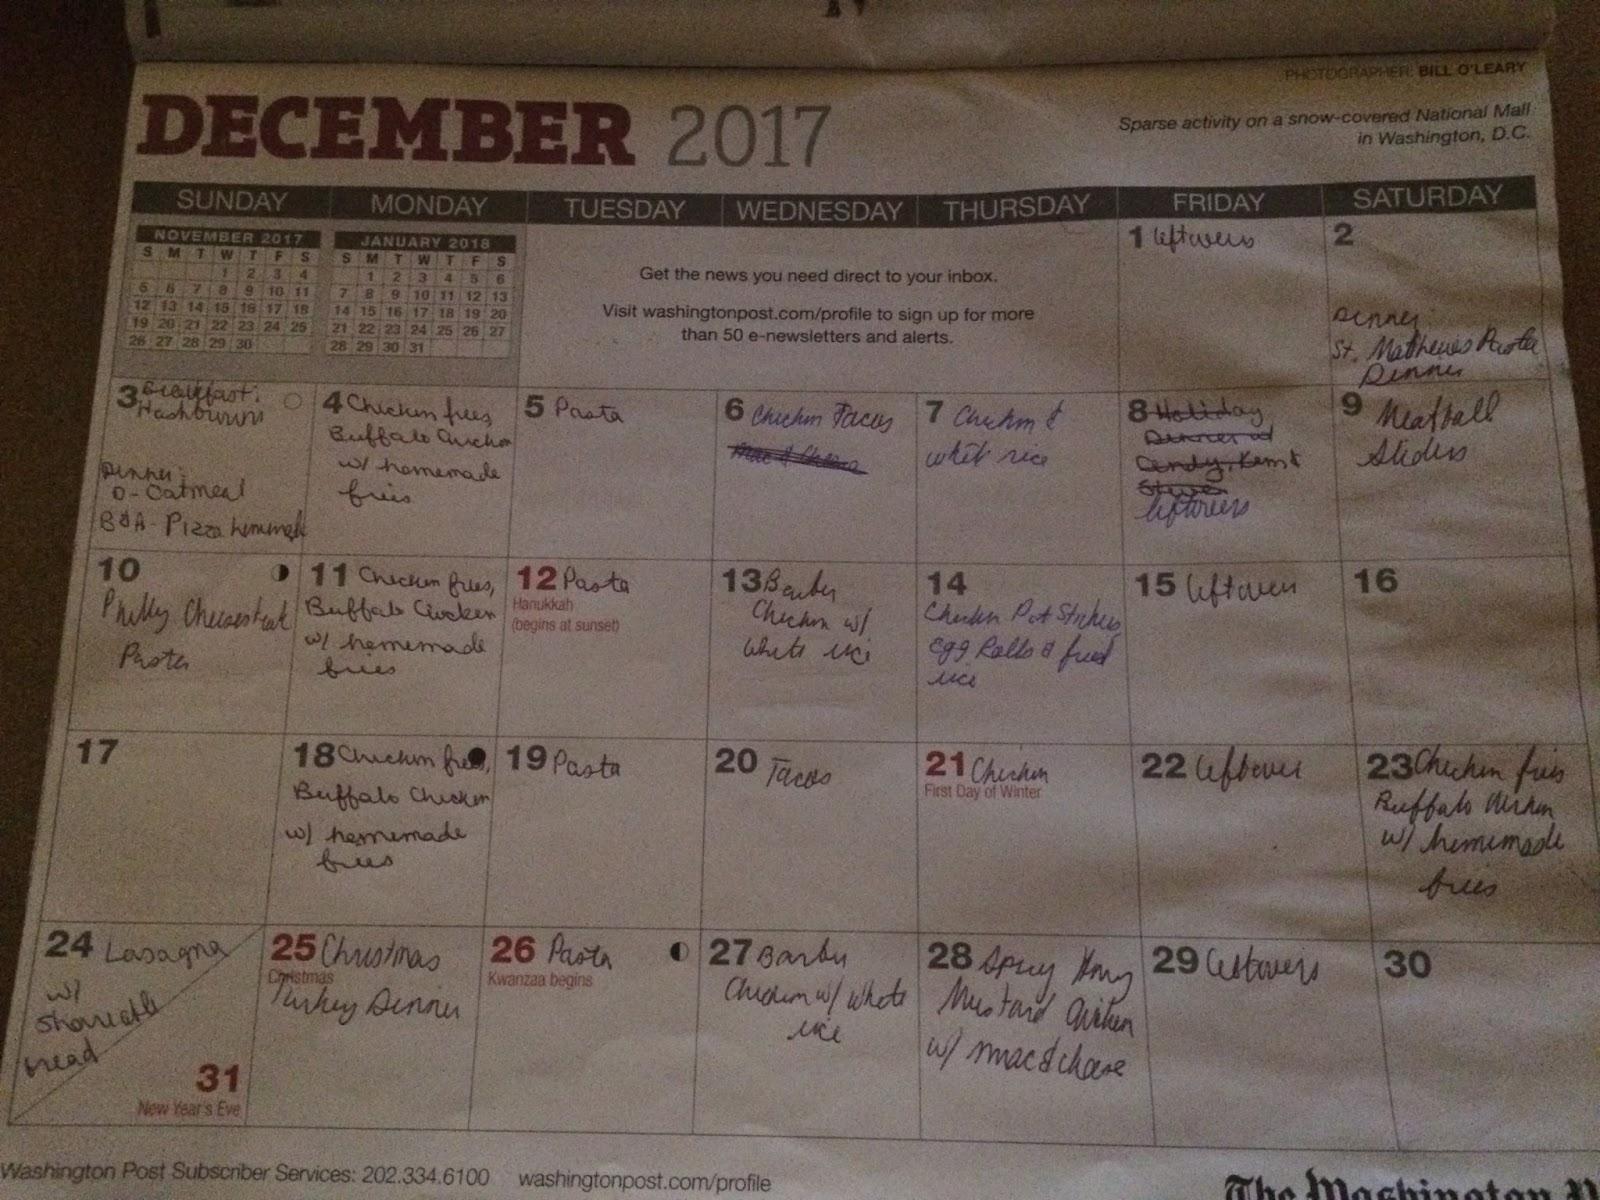 NOVA Frugal Family: December 2017 on